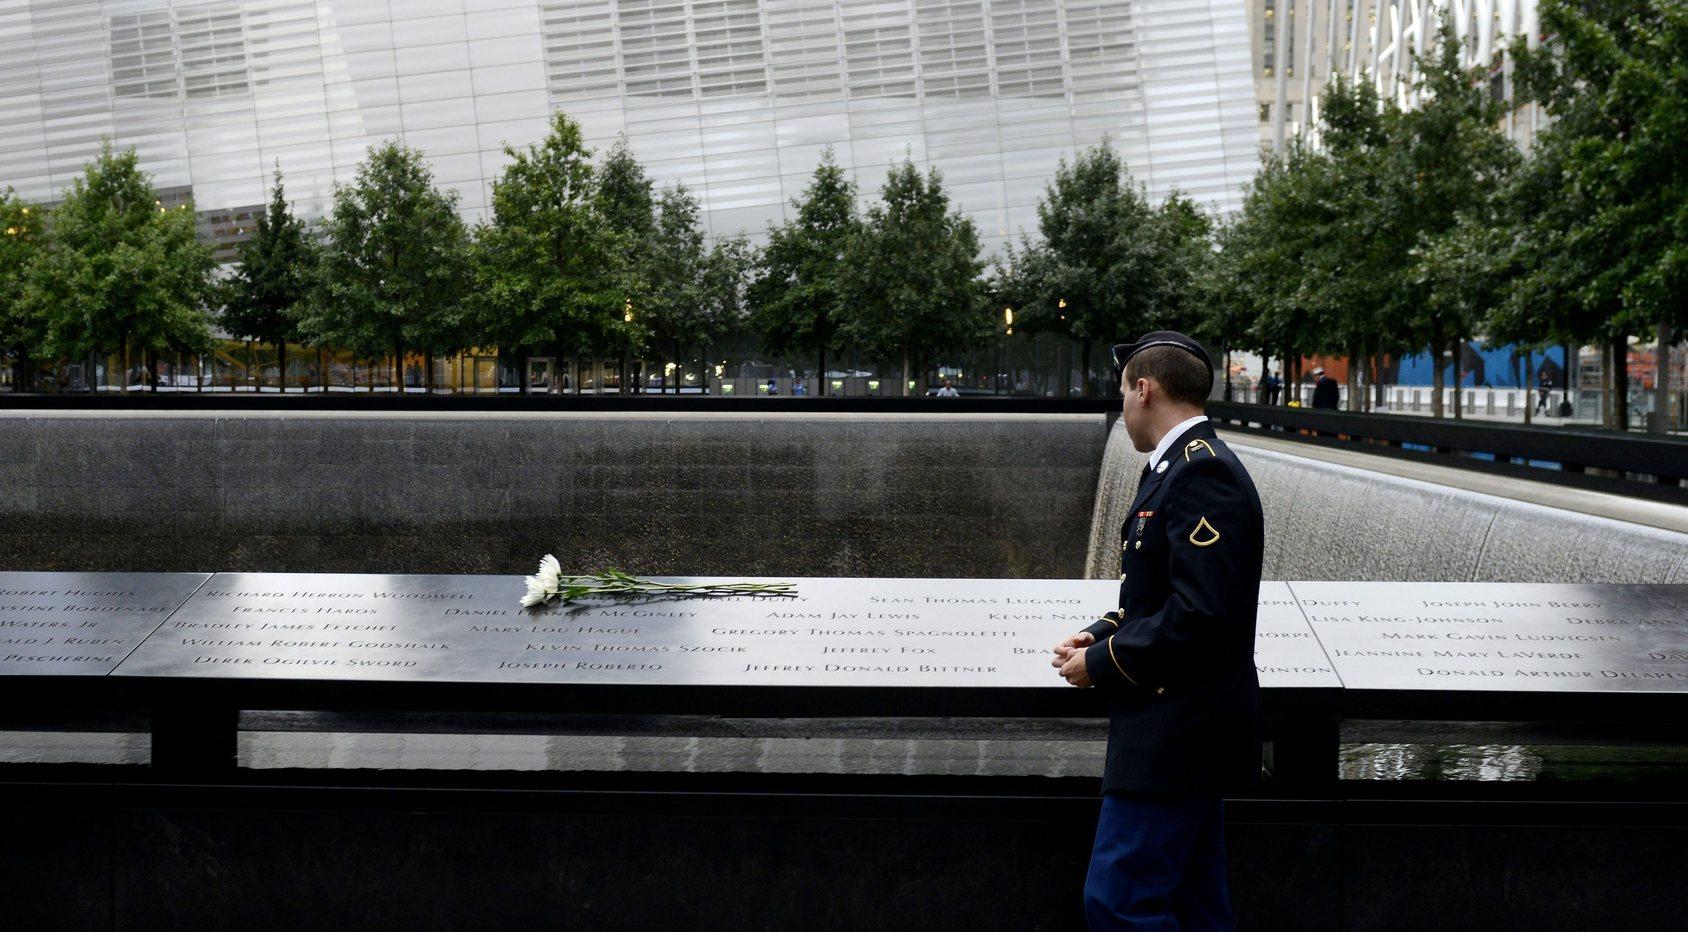 New York, 2015. szeptember 11. Egy katona az egyik toronyház helyén lévő medencének az áldozatok nevével díszített fala mellett az al-Kaida nemzetközi iszlámista terrorszervezet tagjai által eltérített utasszállító repülőgépekkel lerombolt New York-i Világkereskedelmi Központ ikertornyainak helyén épült Szeptember 11. Nemzeti Emlékhelyen 2015. szeptember 11-én, az Egyesült Államok elleni 2001. szeptember 11-i repülőgépes terrortámadások tizennegyedik évfordulóján. (MTI/EPA/Justin Lane)